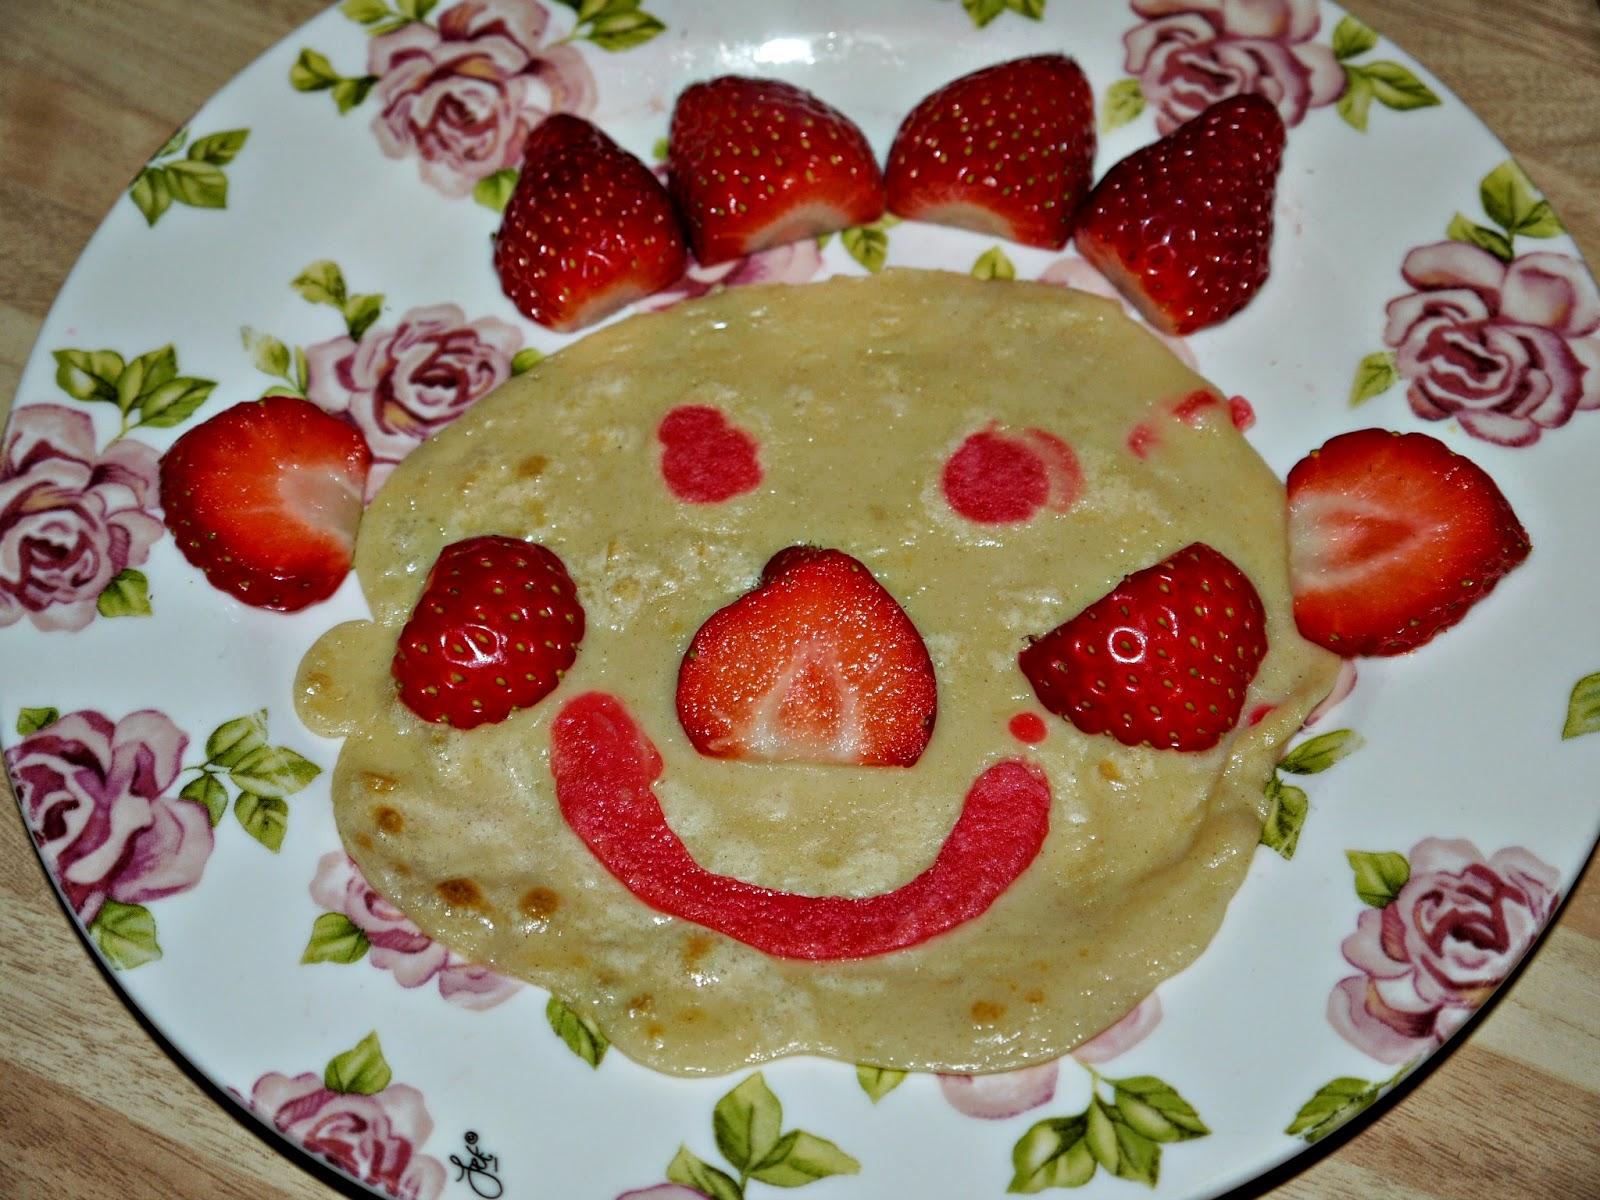 pancake, maple syrup